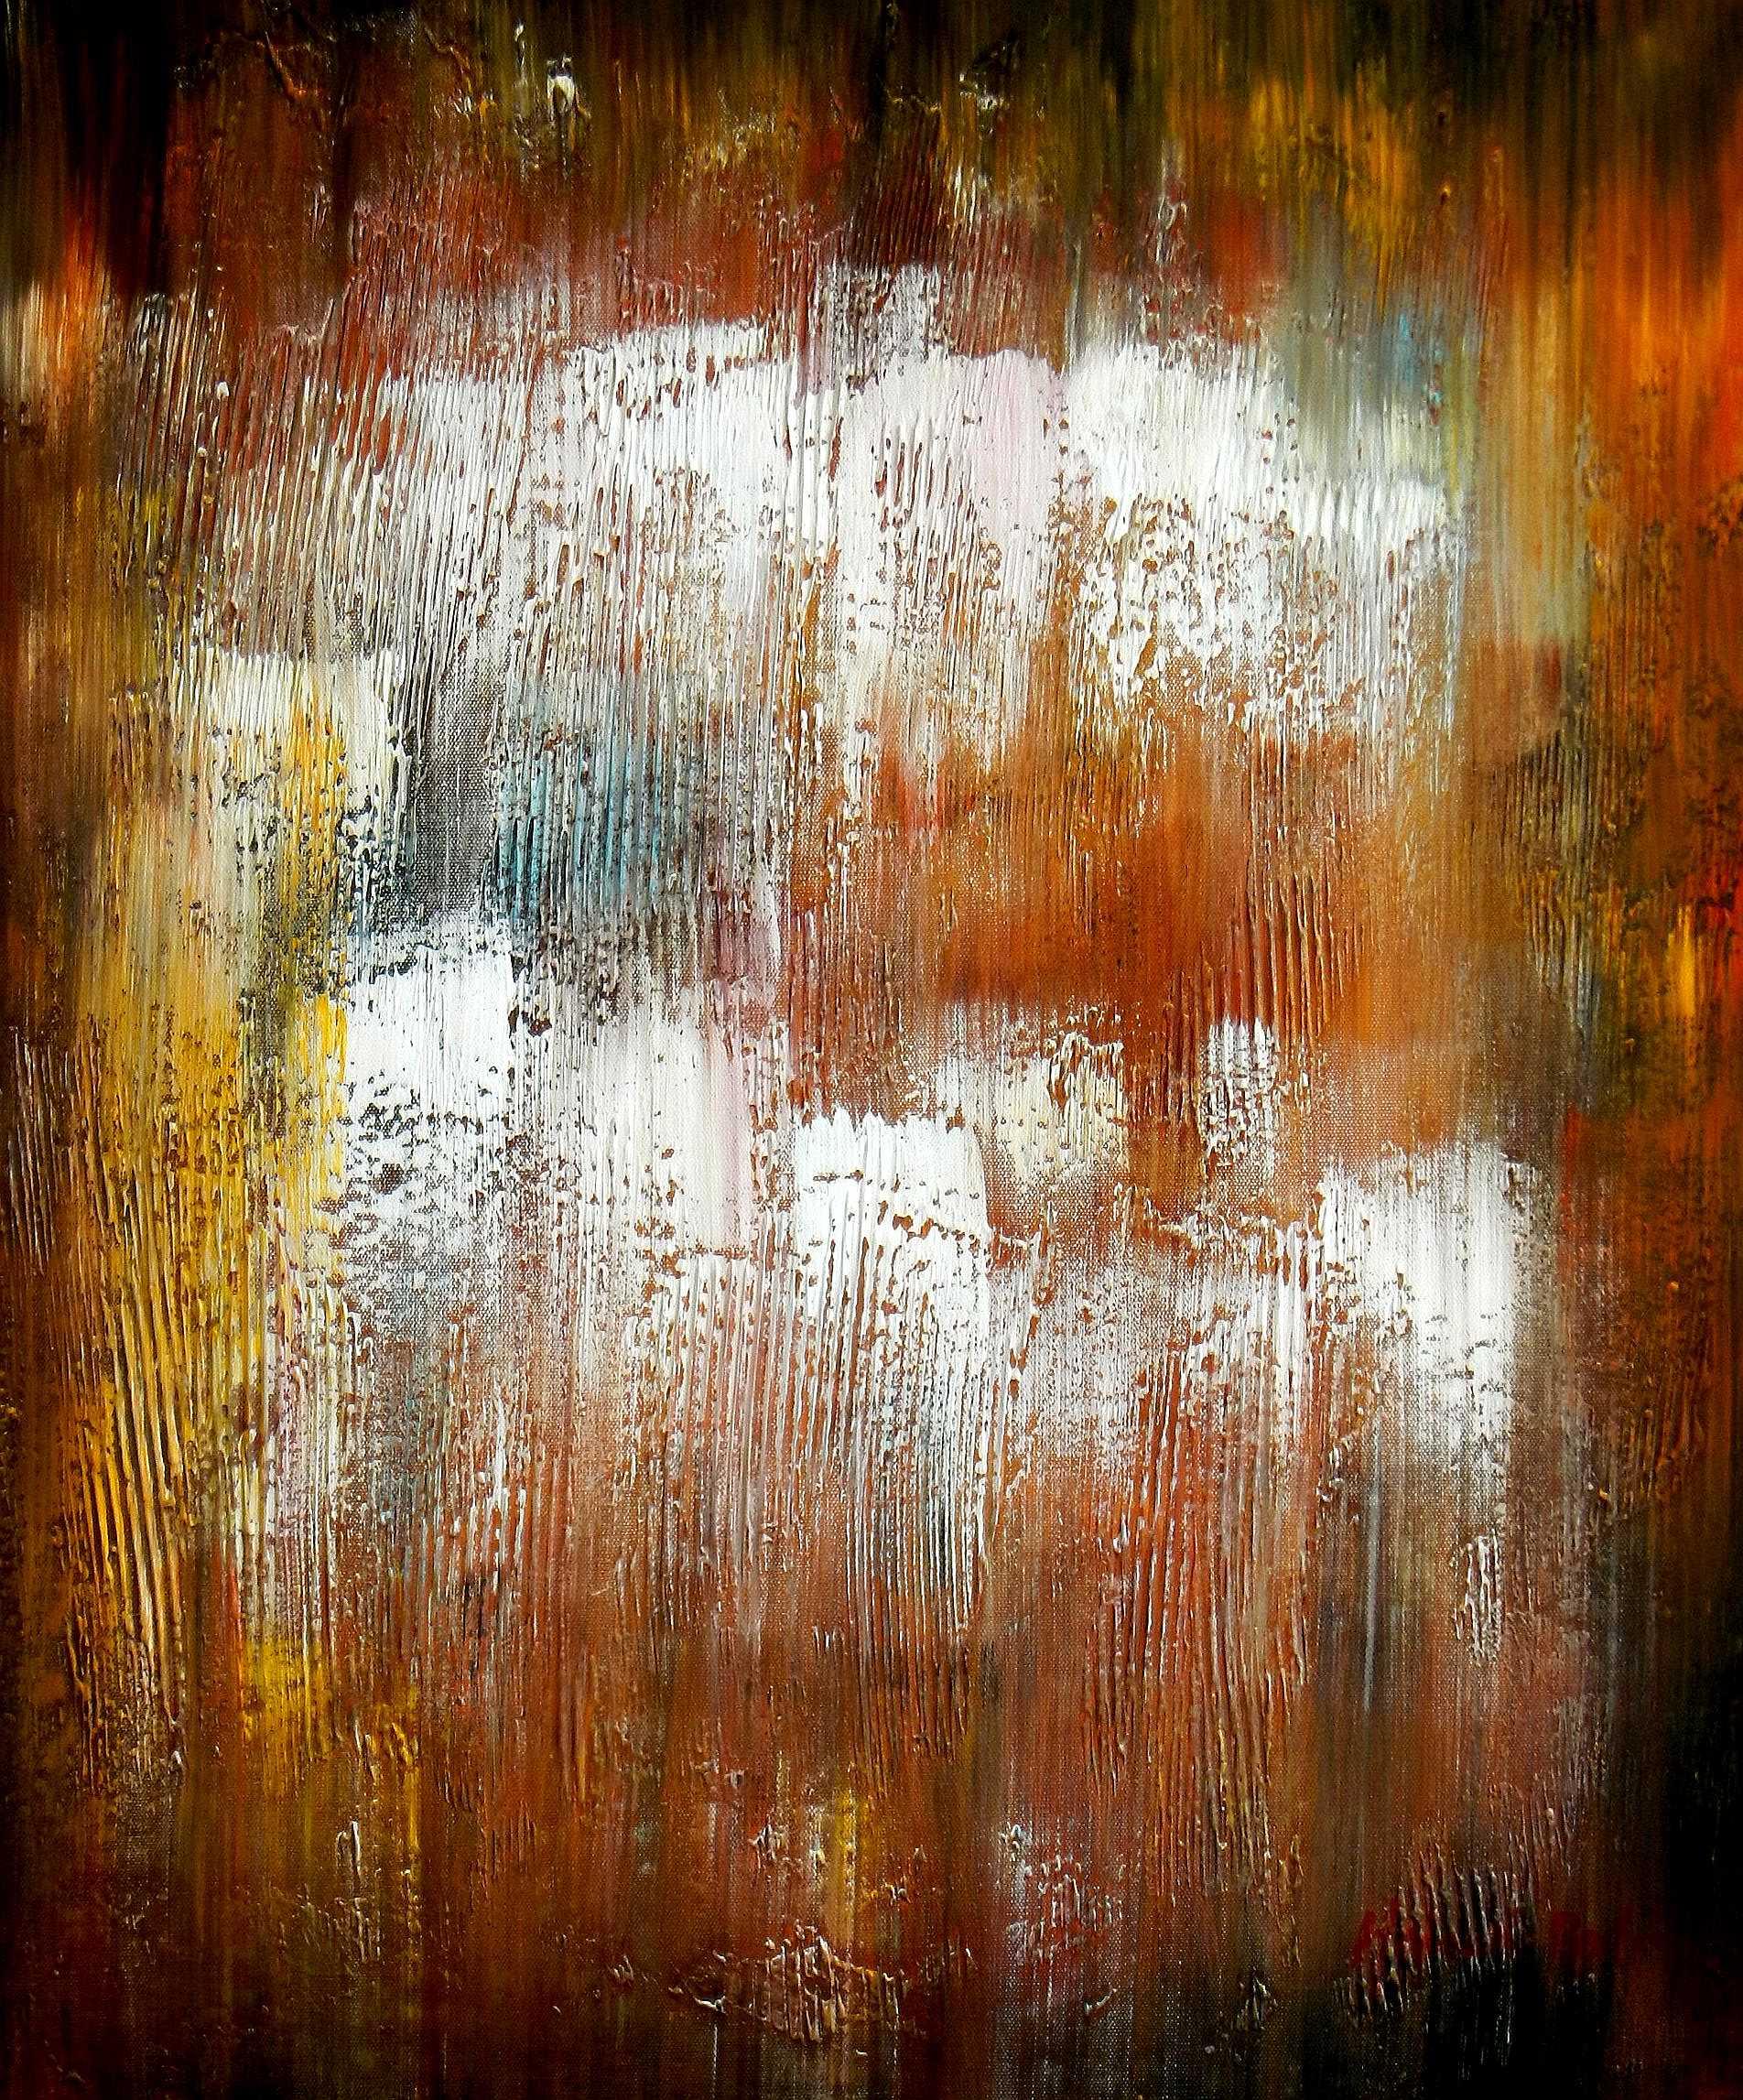 Abstrakt - Berlin am Lustgarten c94815 50x60cm Ölbild handgemalt